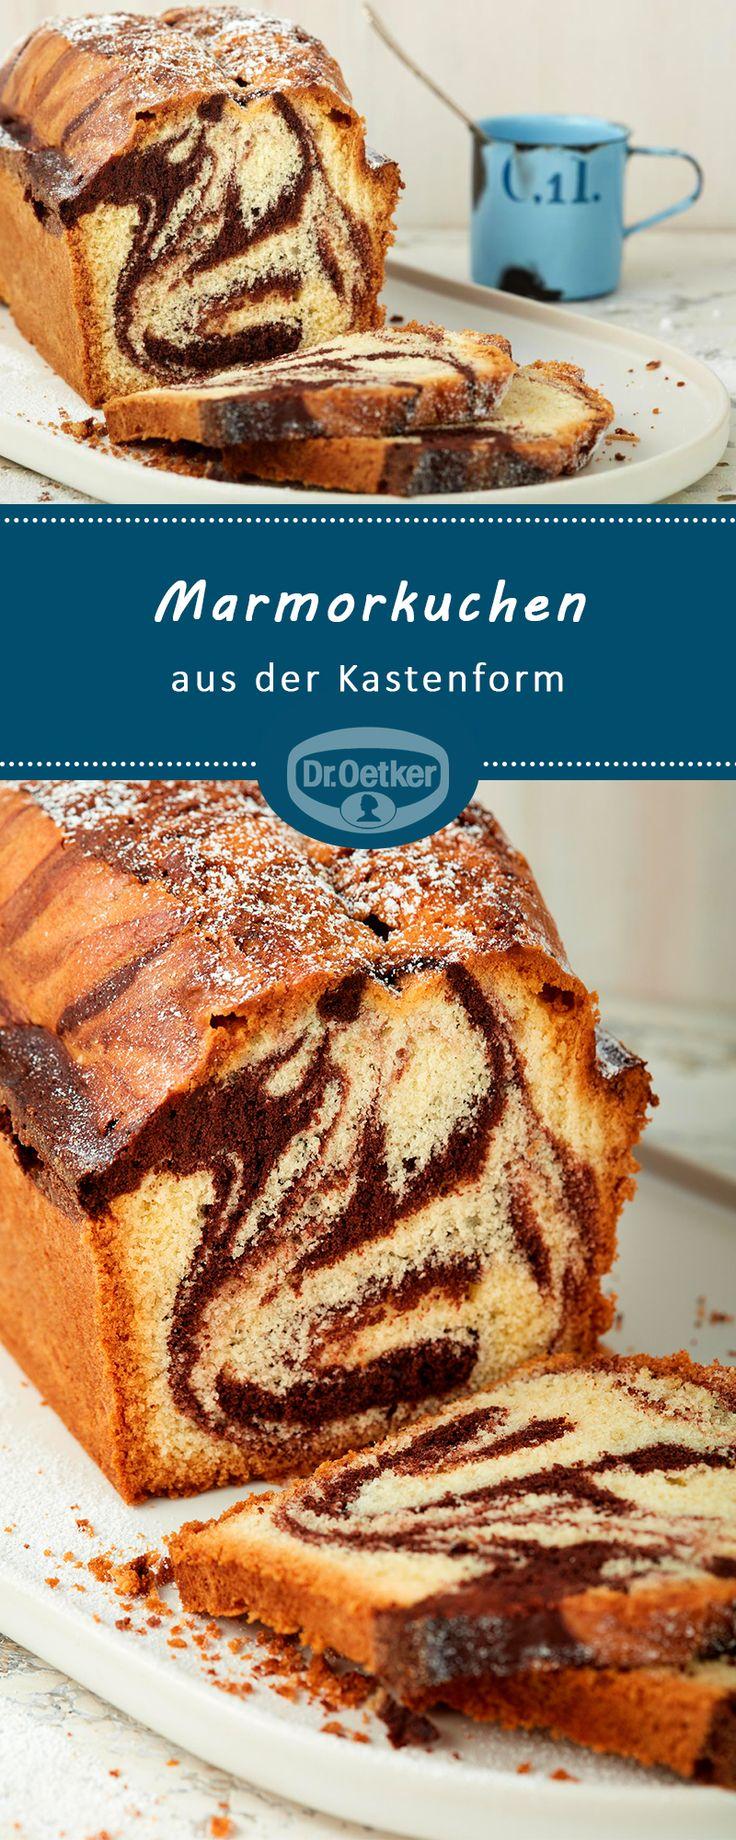 Marmorkuchen aus der Kastenform (25 x 11 cm): Saftiger Biskuitkuchen in Marmoropti …   – Traumhafte Kuchen-Rezepte